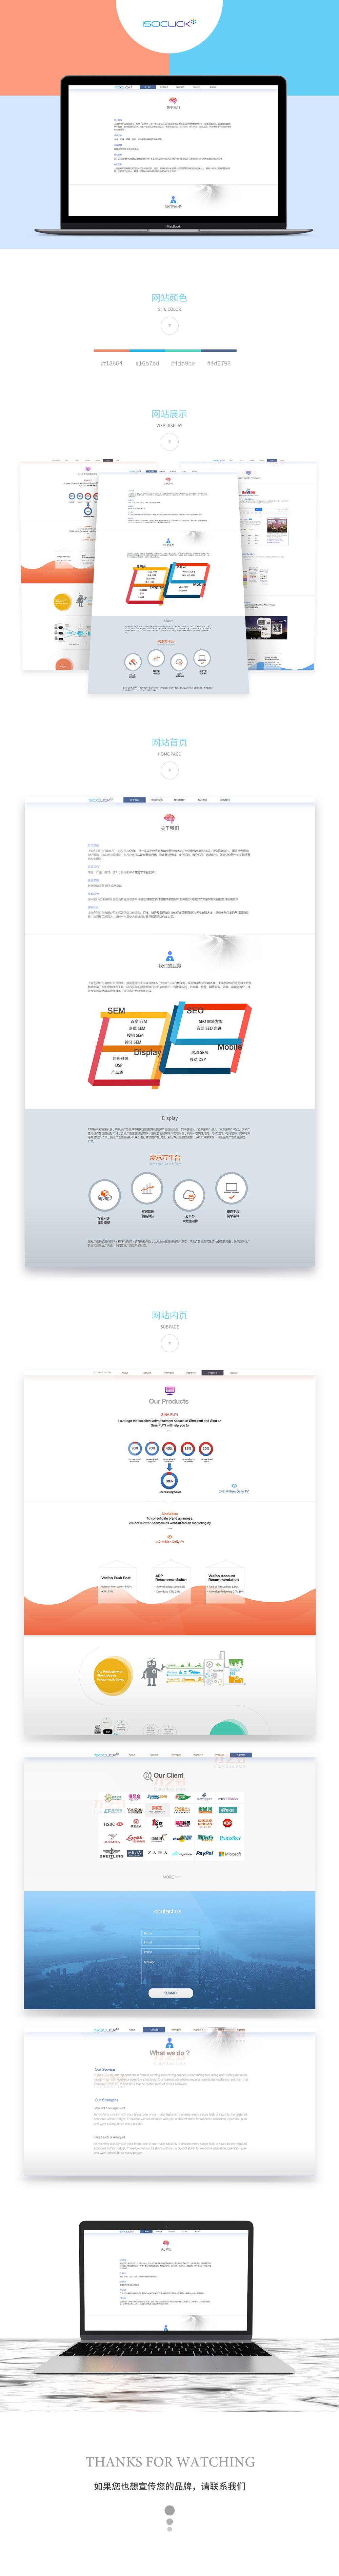 公司网站建设案例之 创彩广告公司